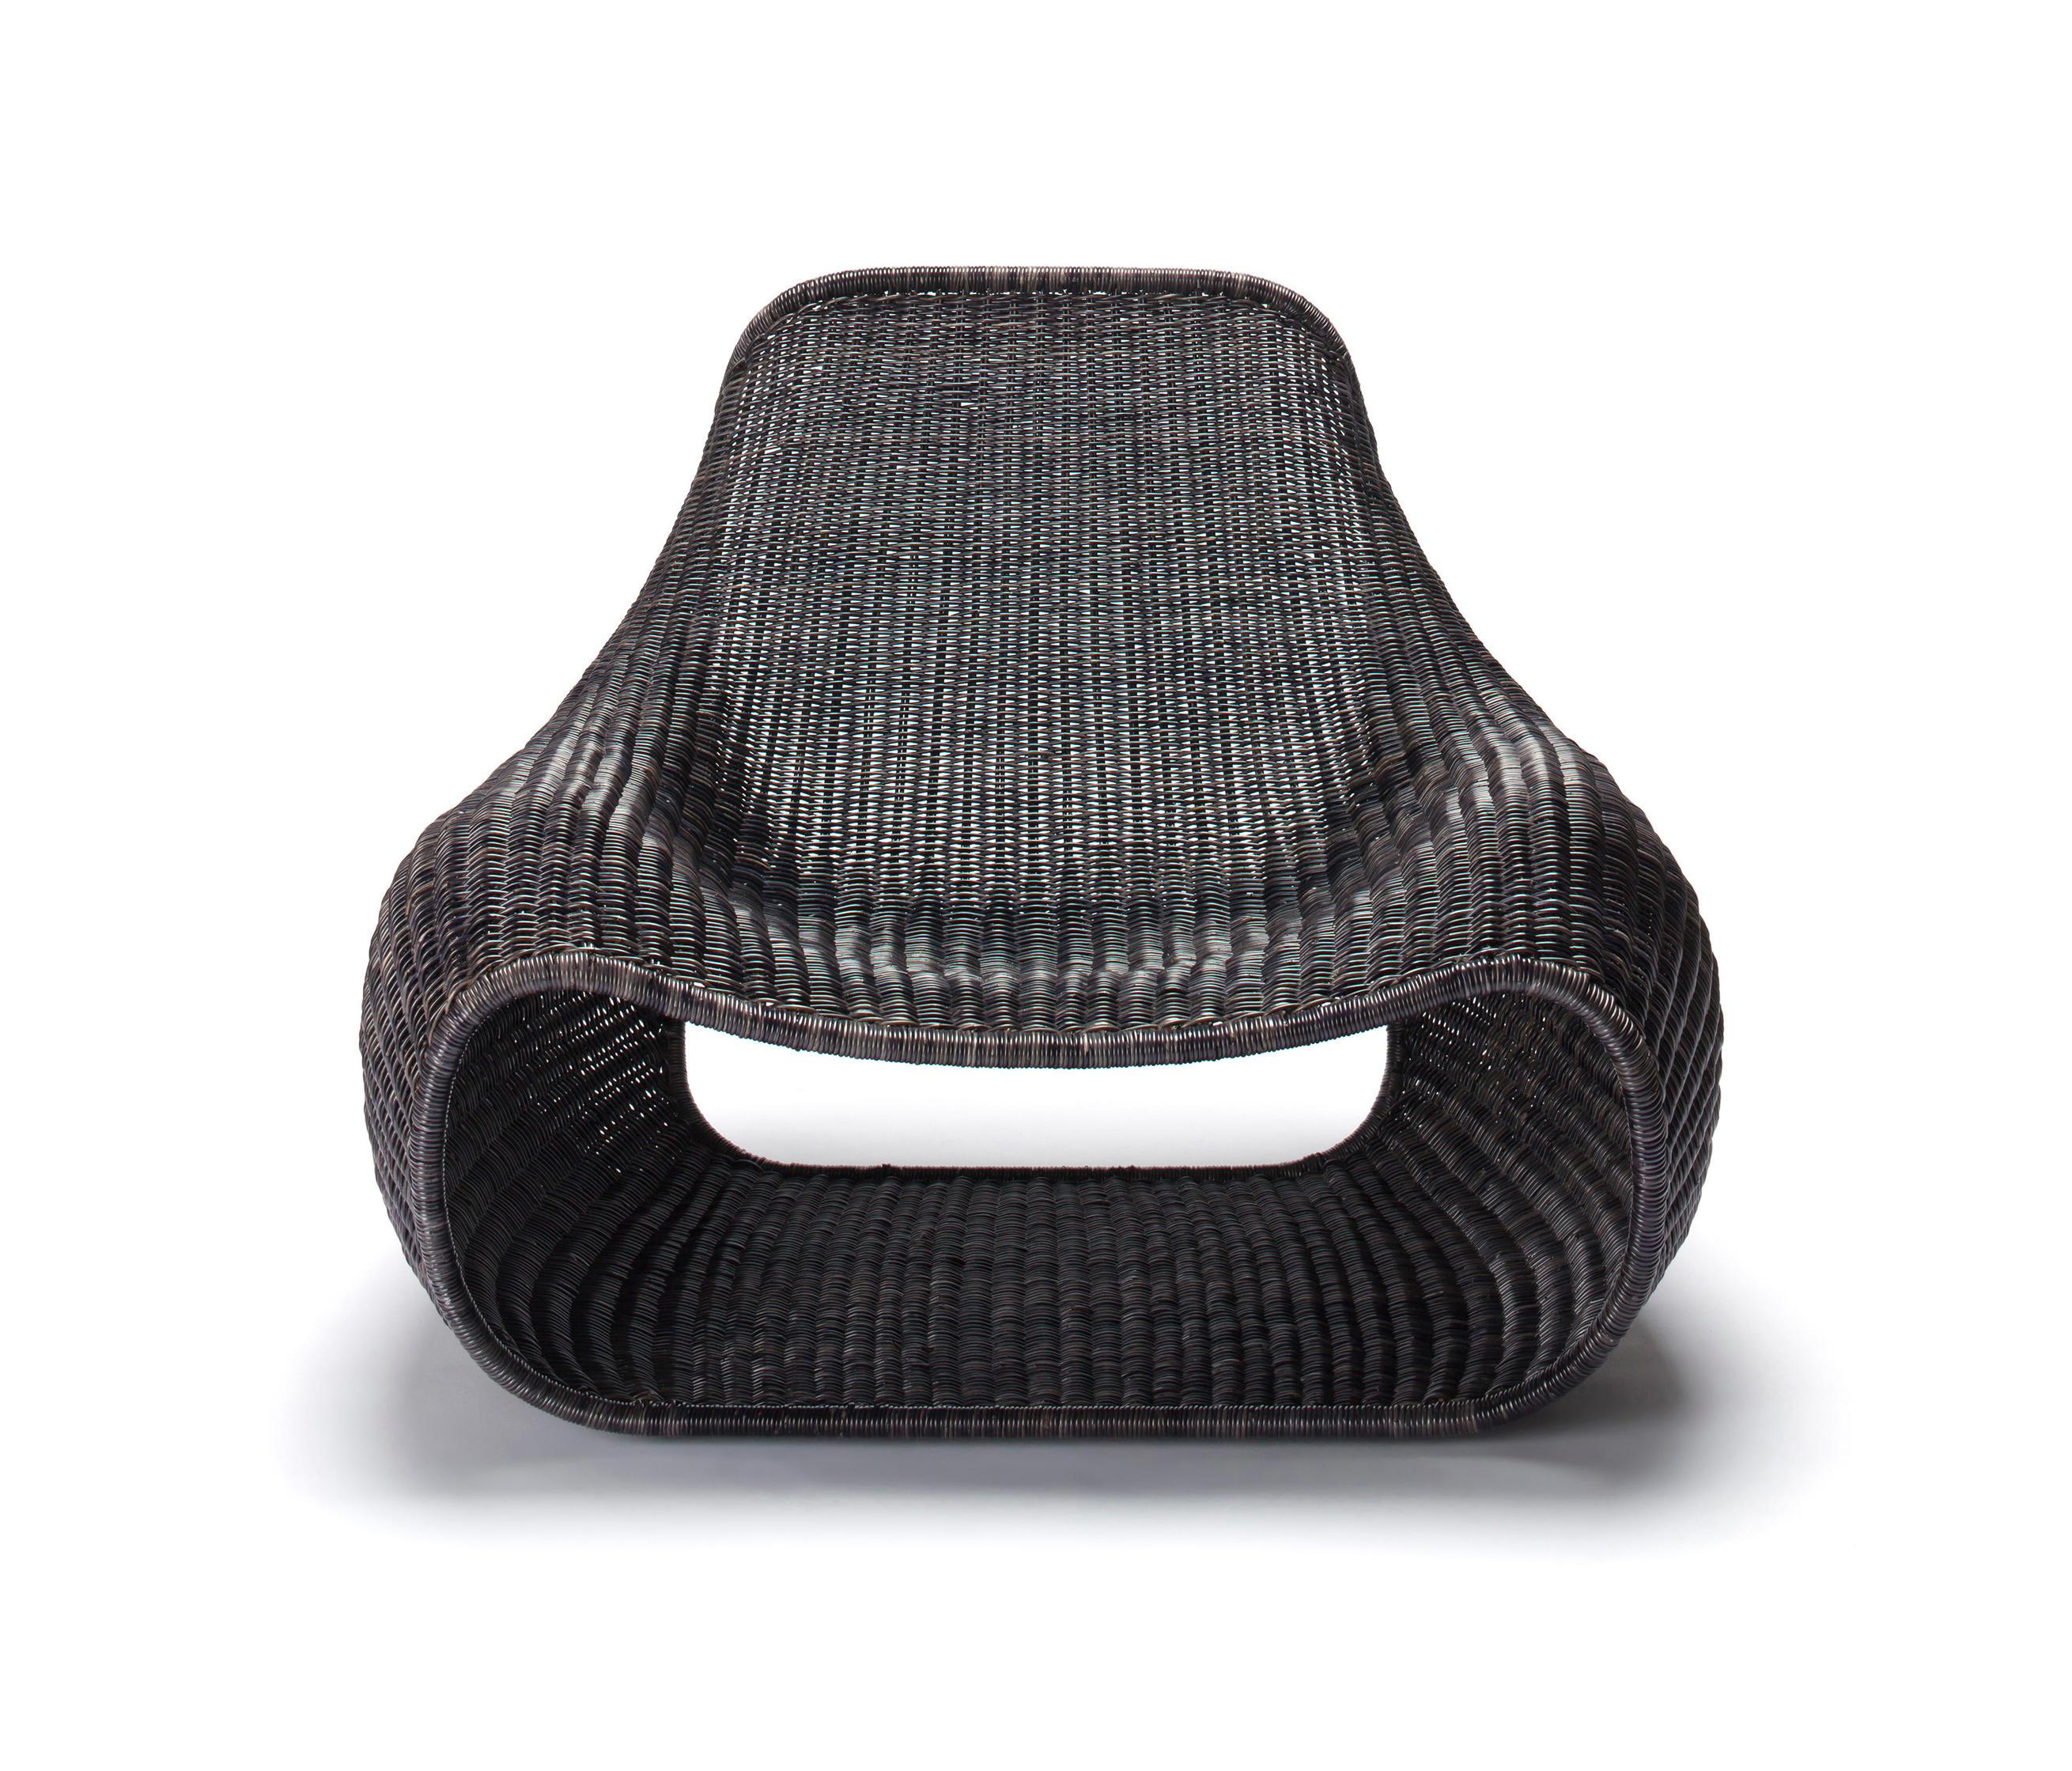 Awesome Snug Lounge Chair Designer Furniture Architonic Frankydiablos Diy Chair Ideas Frankydiabloscom